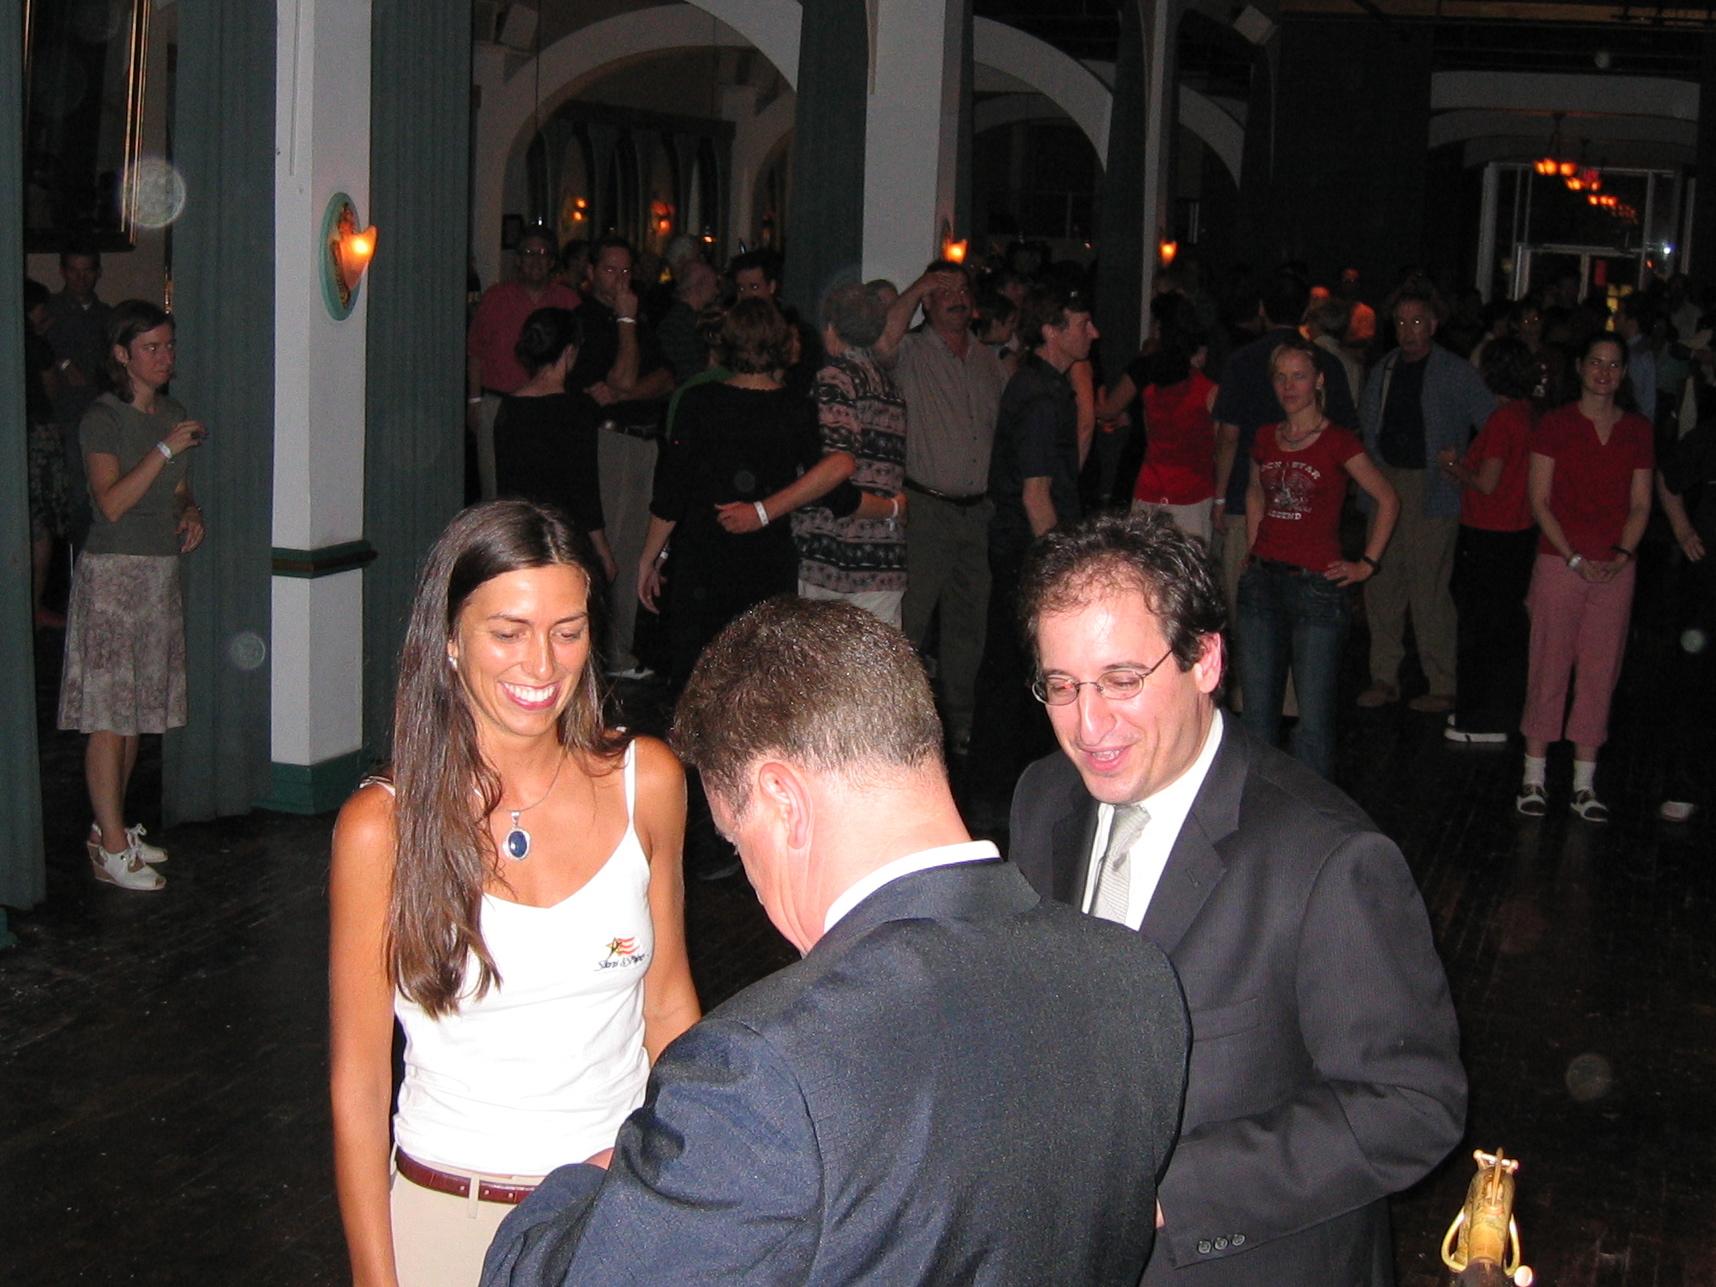 Ray Gelato Tour, Clarendon Ballroom, Arlington, VA